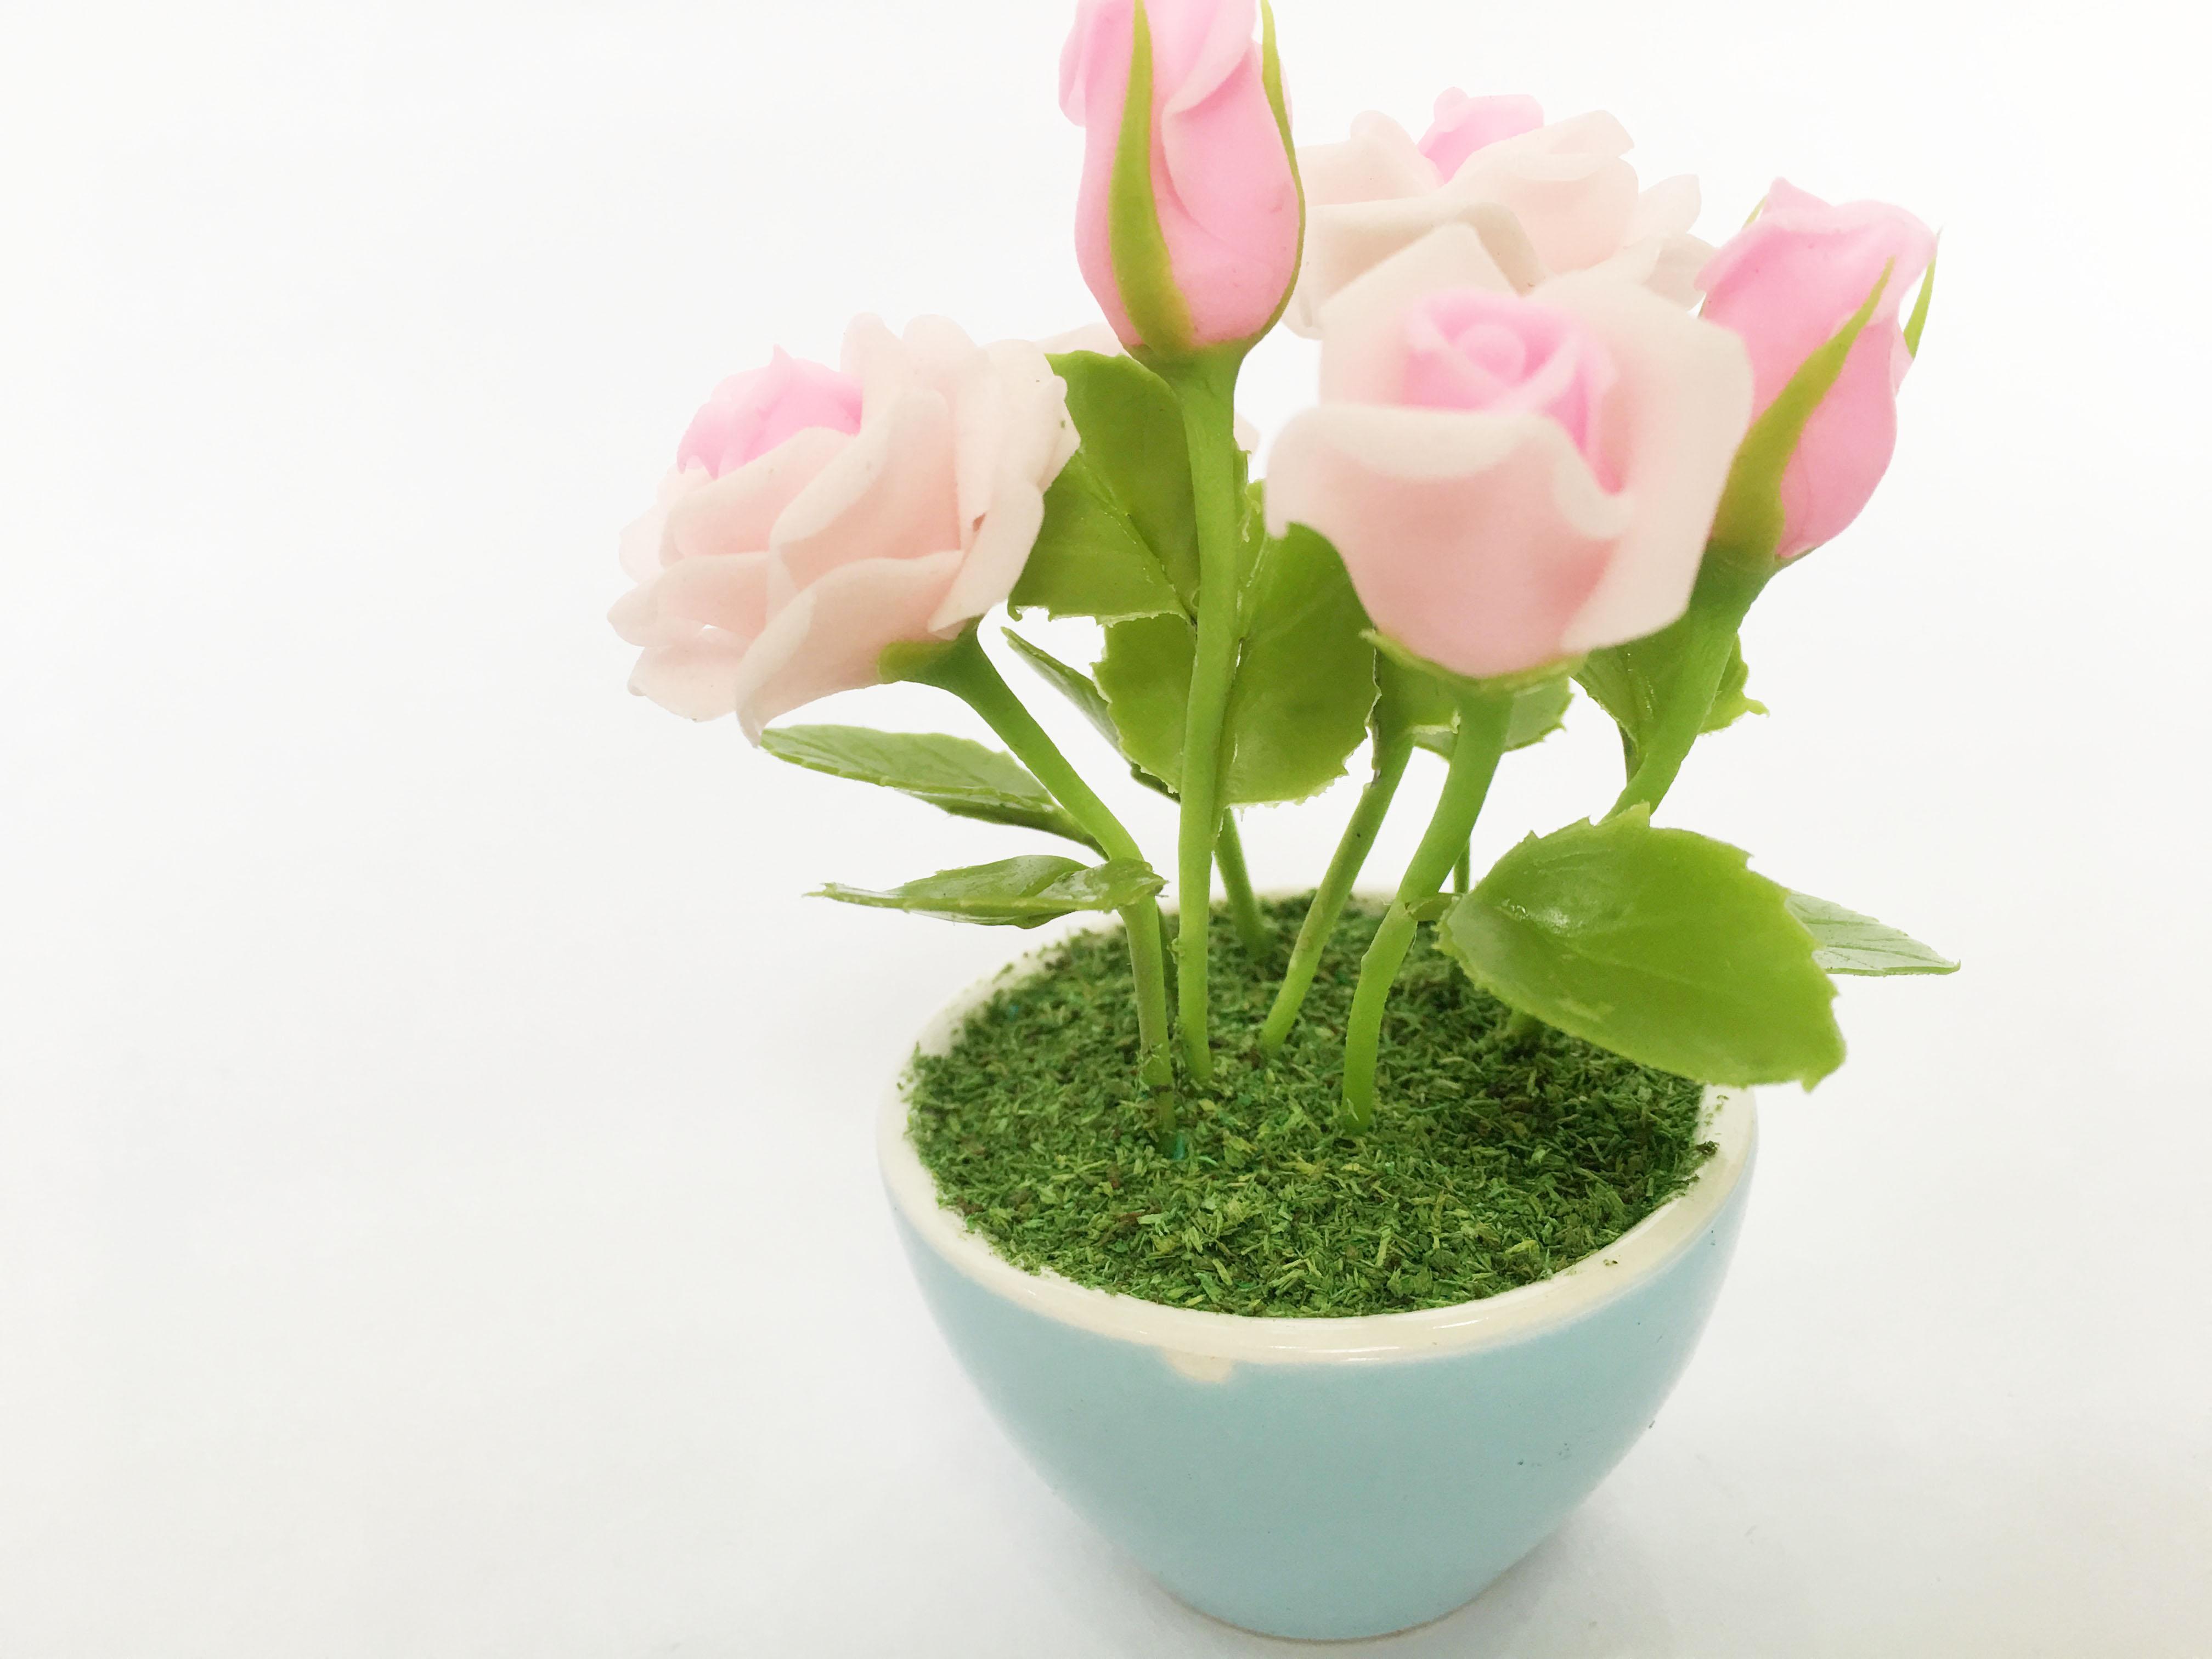 Chậu hoa đất sét mini - Bụi hoa hồng trong cốc sứ (phát màu ngẫu nhiên) - Quà tặng trang trí handmade